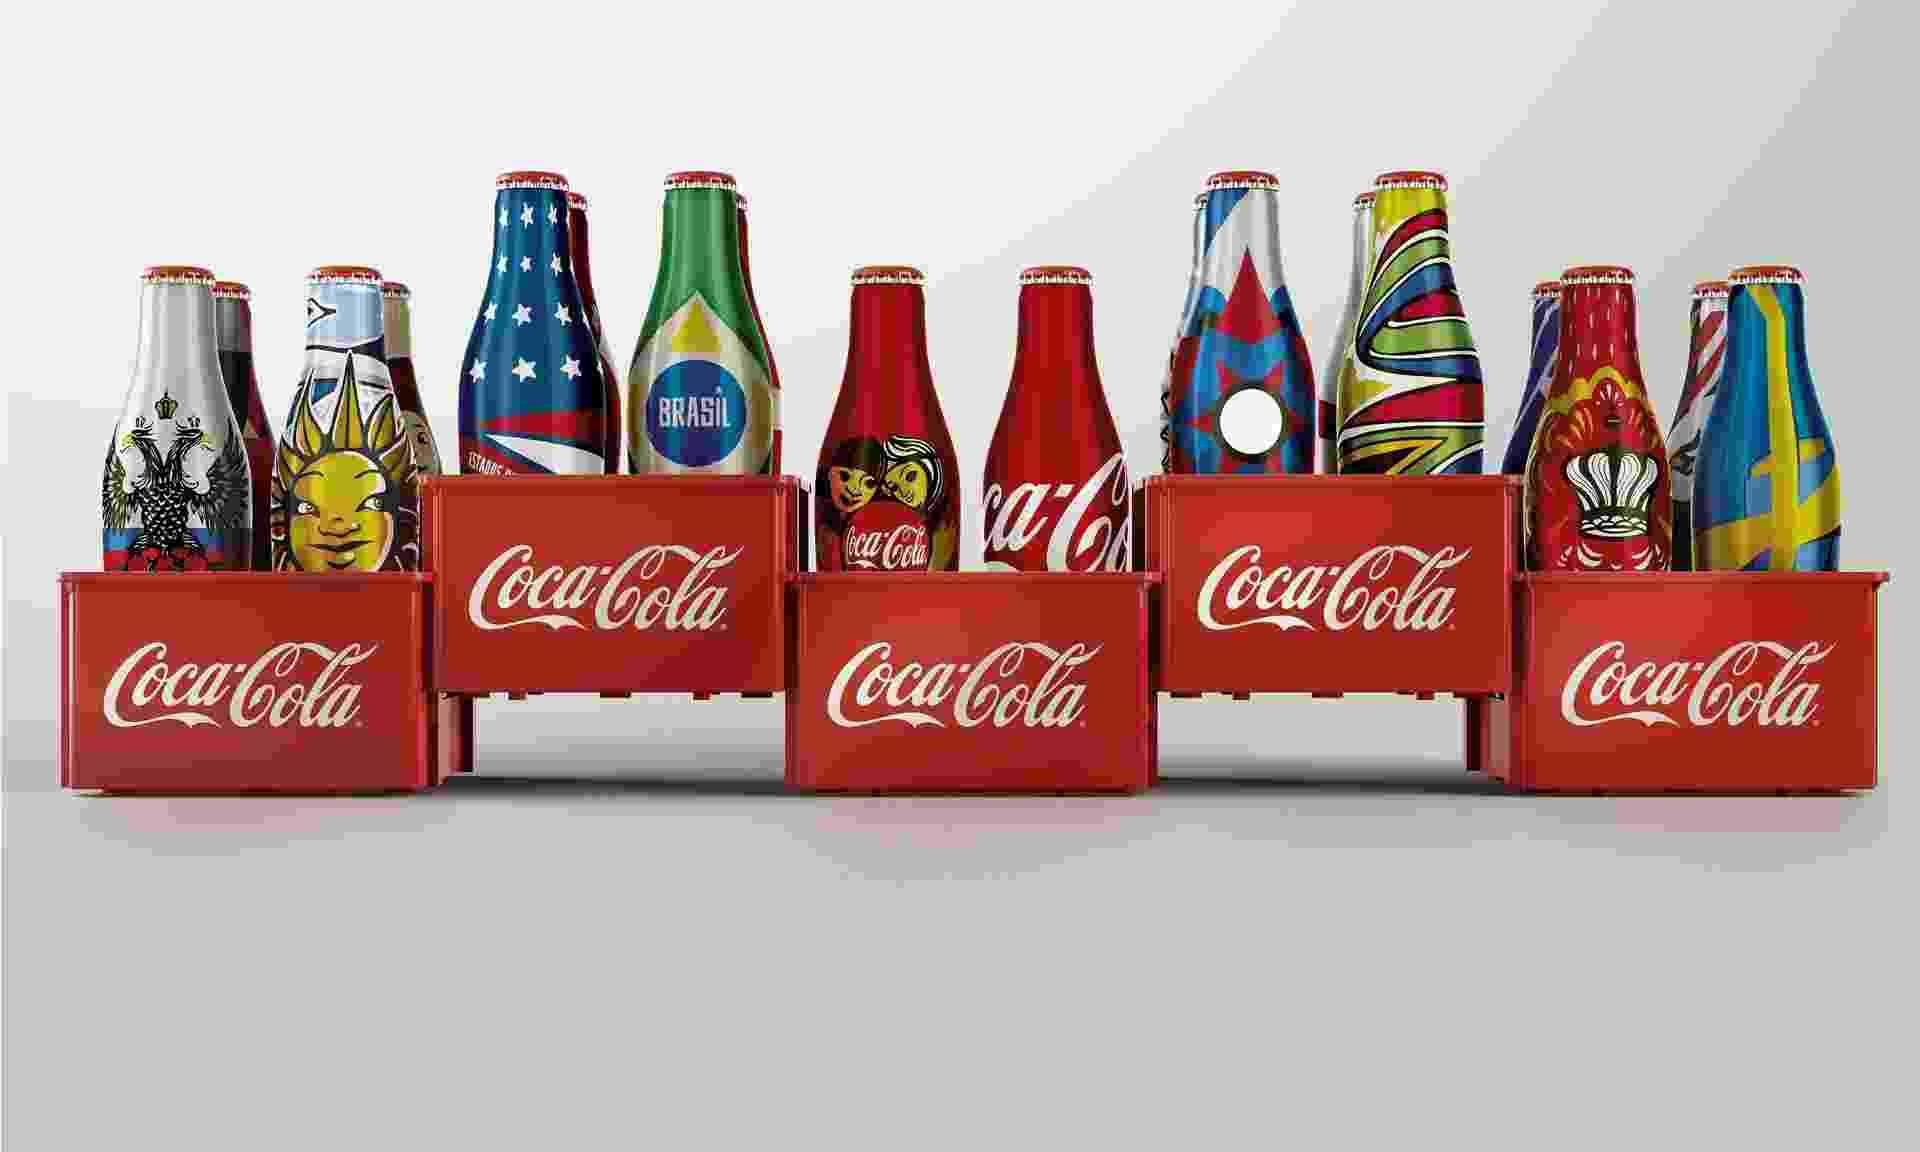 Coca-Cola relança minigarrafinhas para a Copa de 2014 - Divulgação